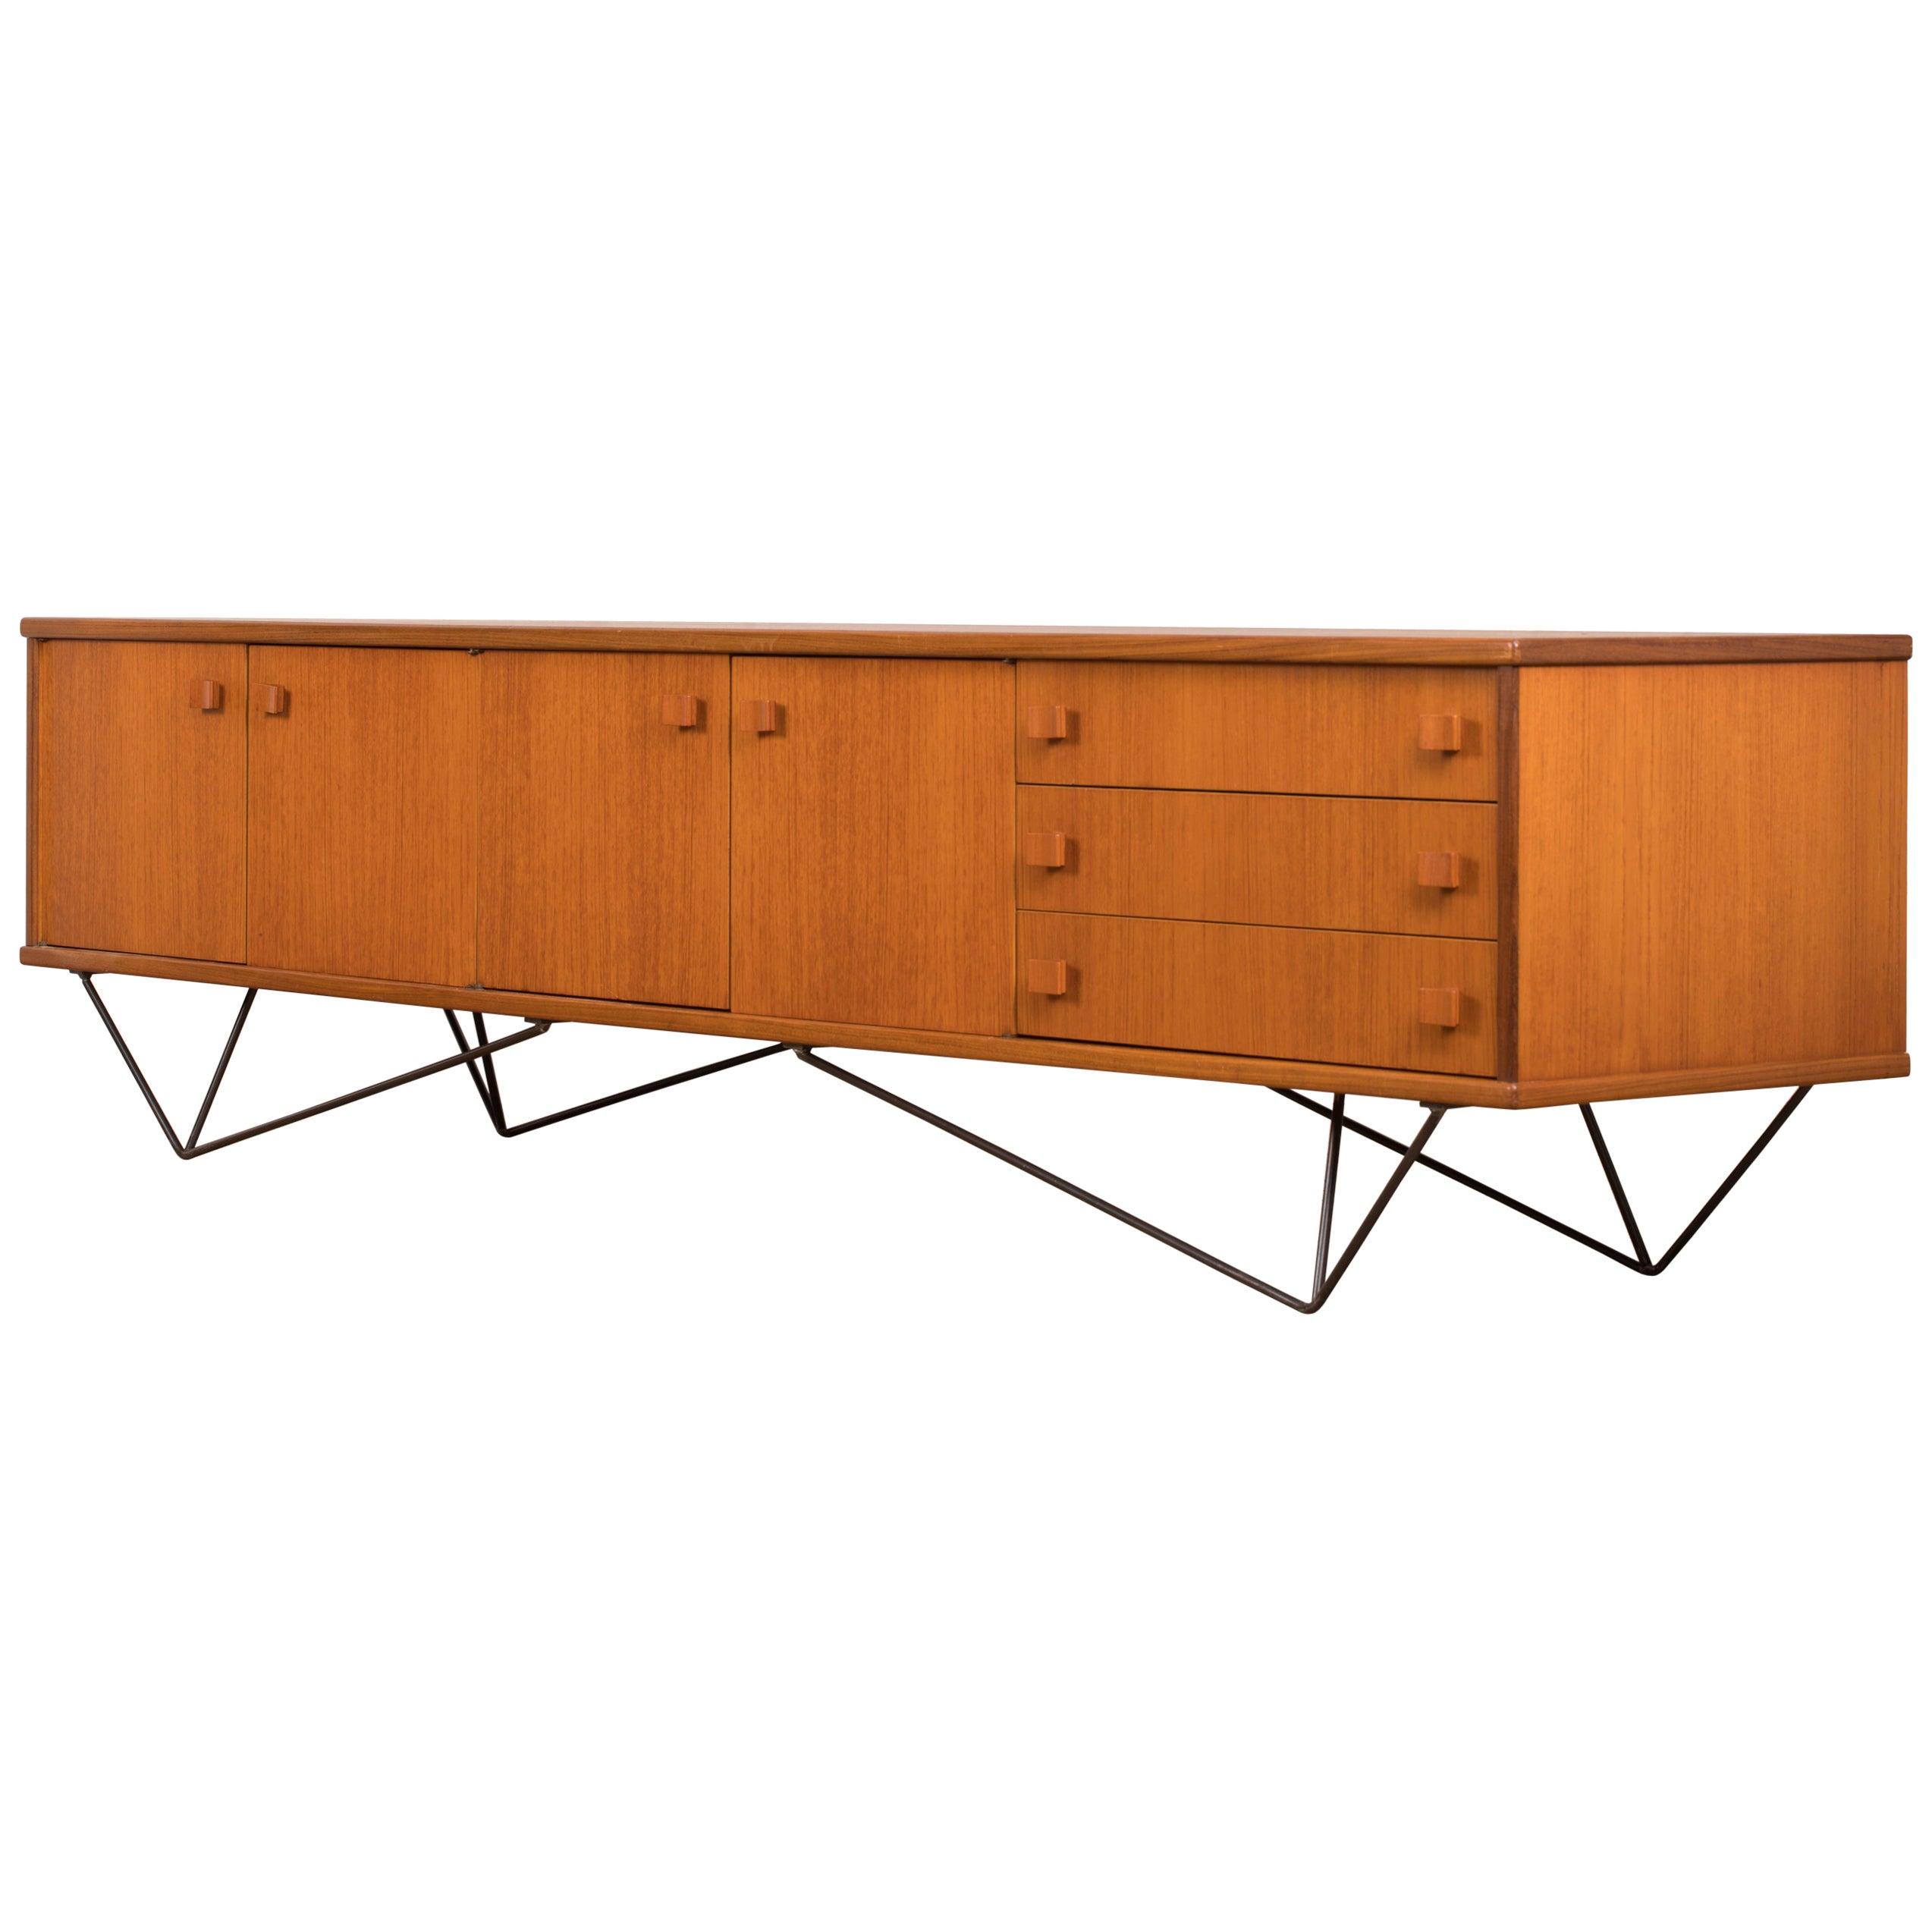 Teak Sideboard, Minimalist, 1960s